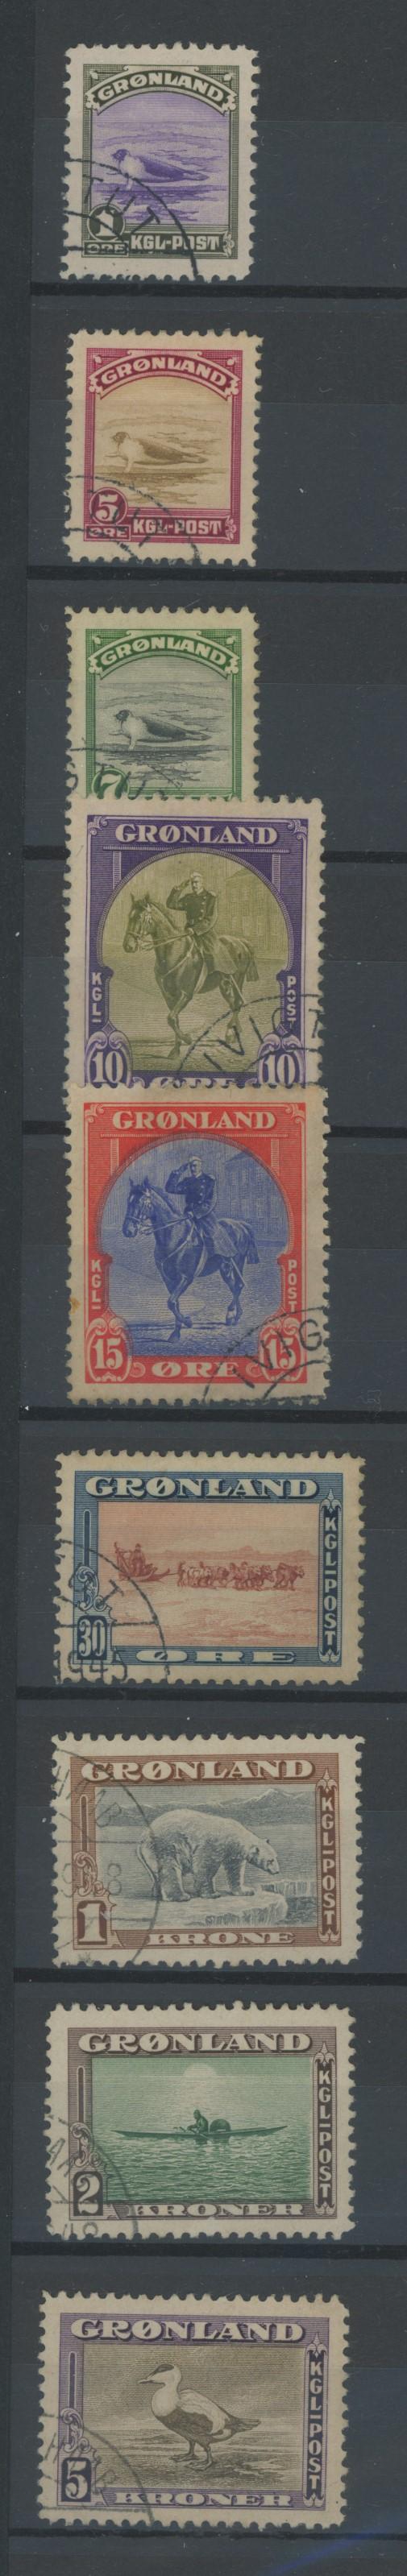 Lot 2013 - Grønland Samlinger og lotter  -  Skanfil Auksjoner AS  Public auction 211